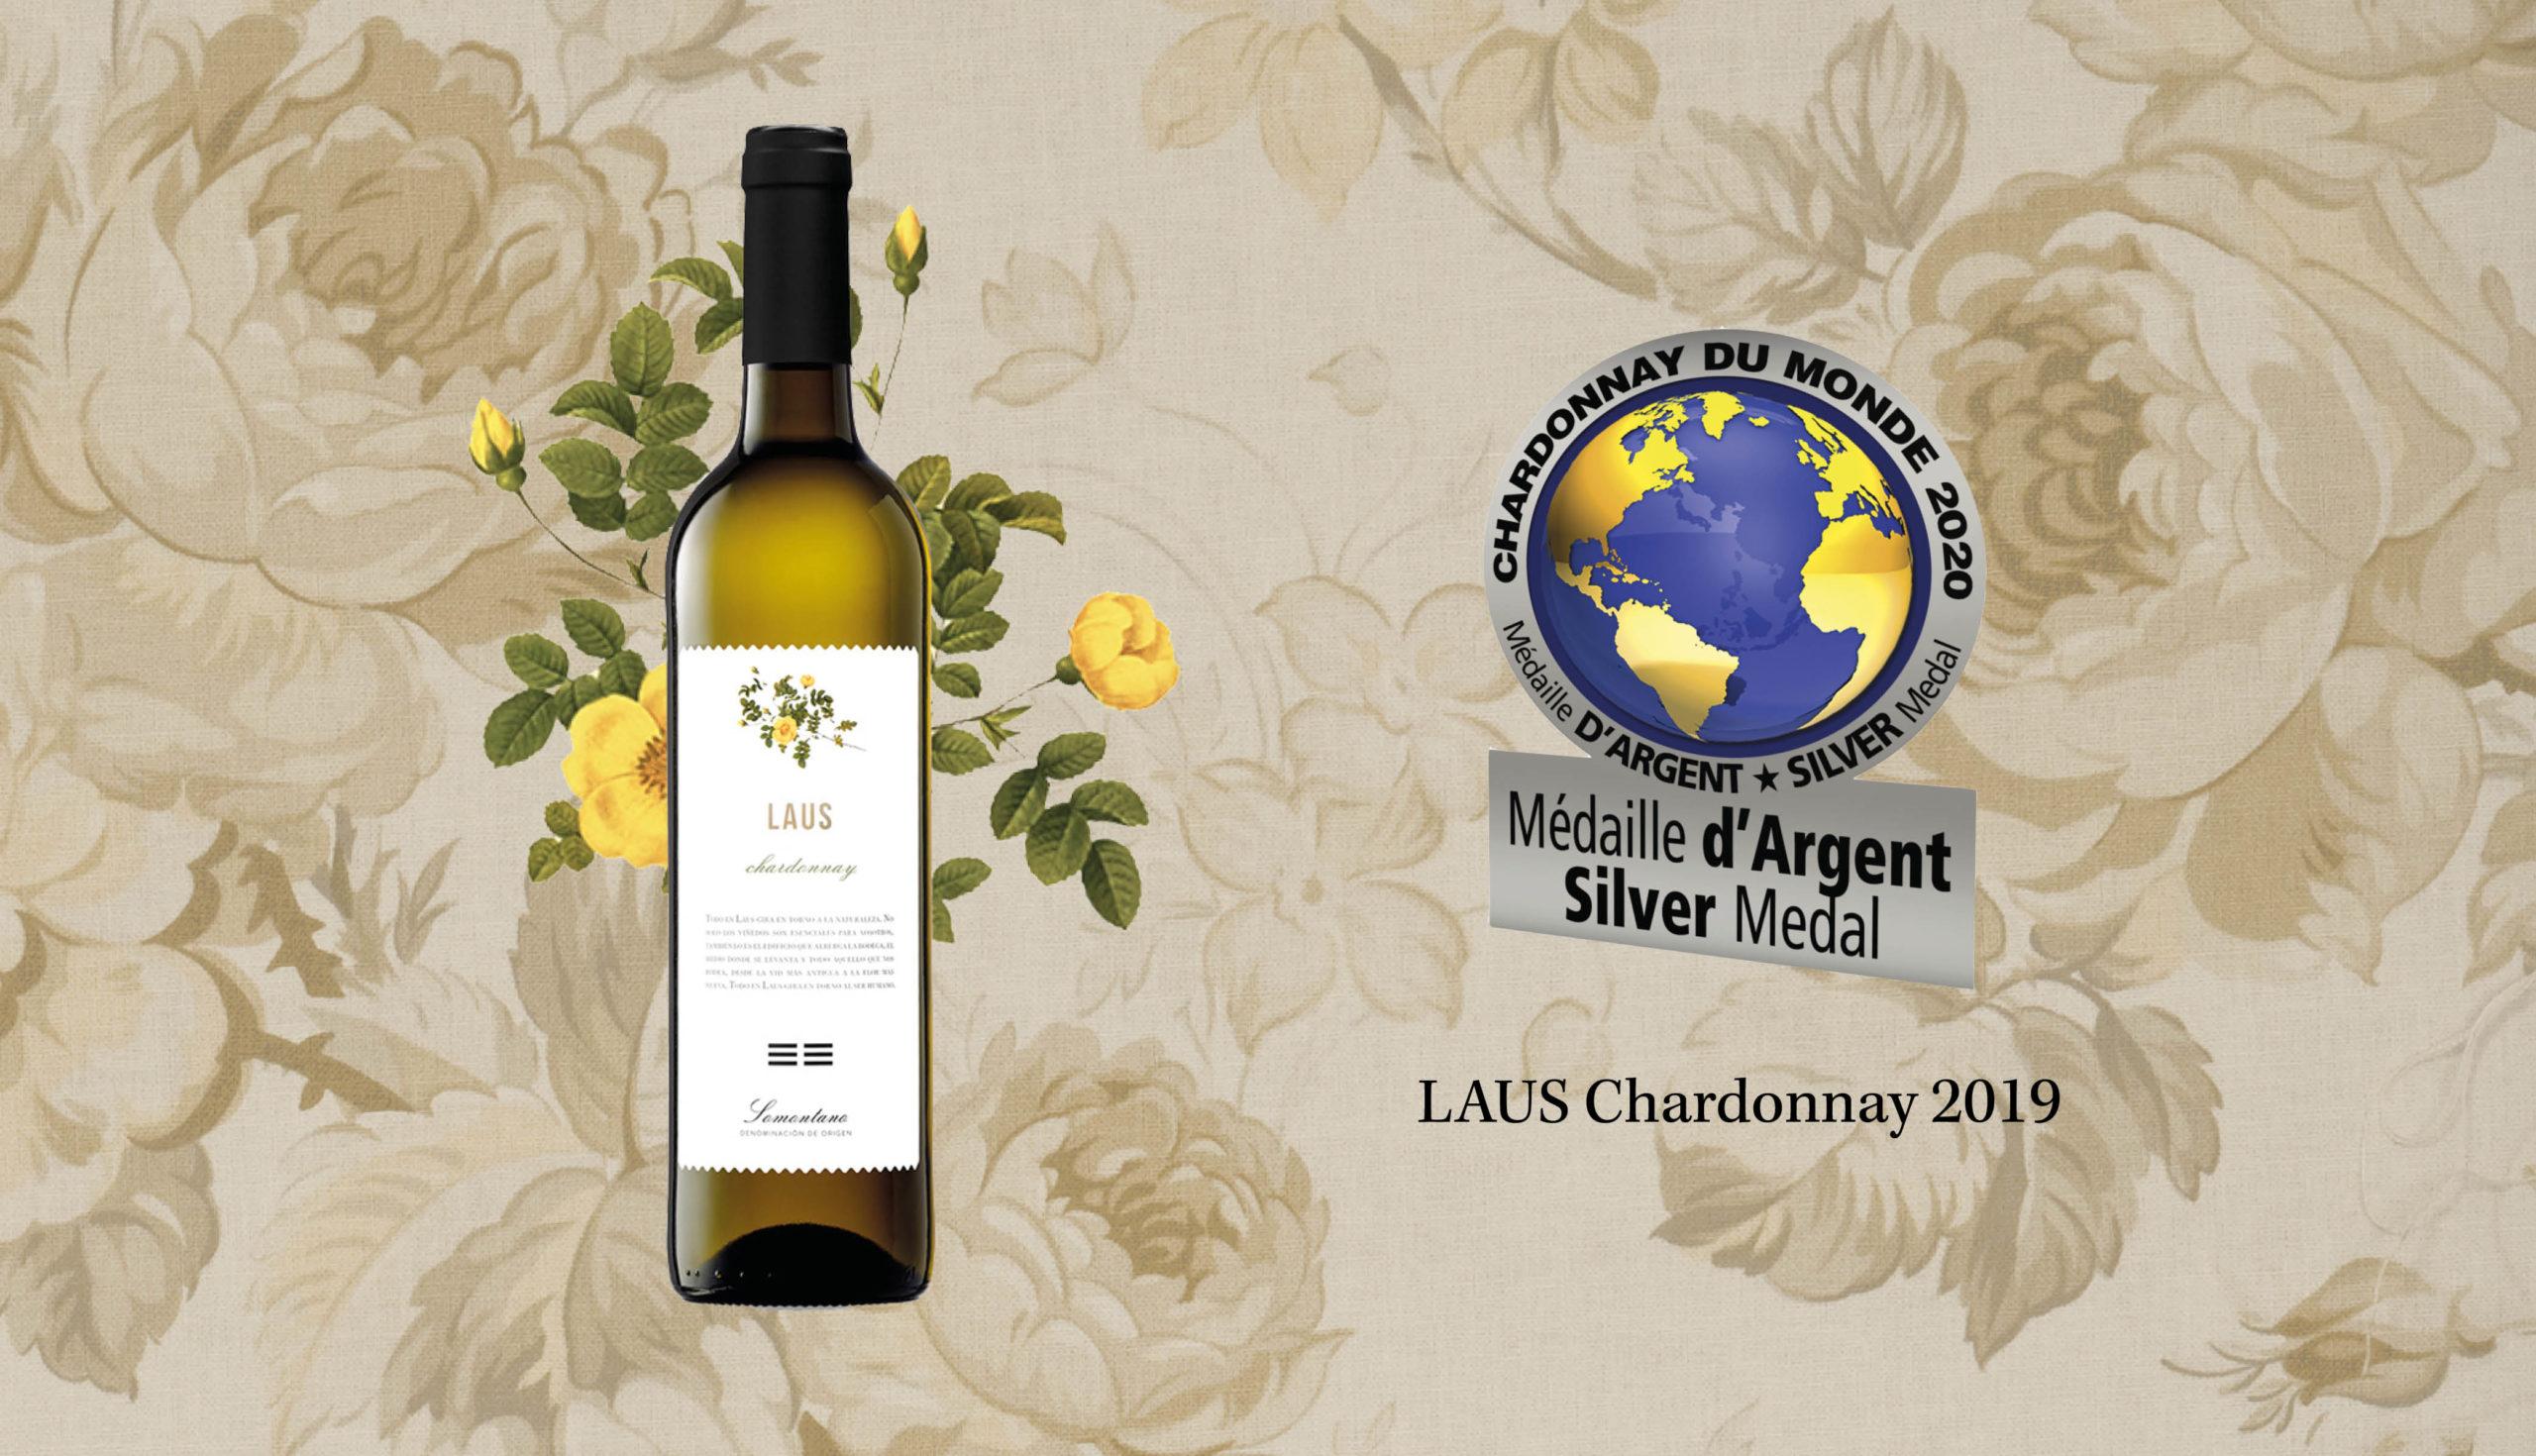 LAUS Chardonnay 2019 obtiene una Medalla de Plata en Chardonnay du Monde